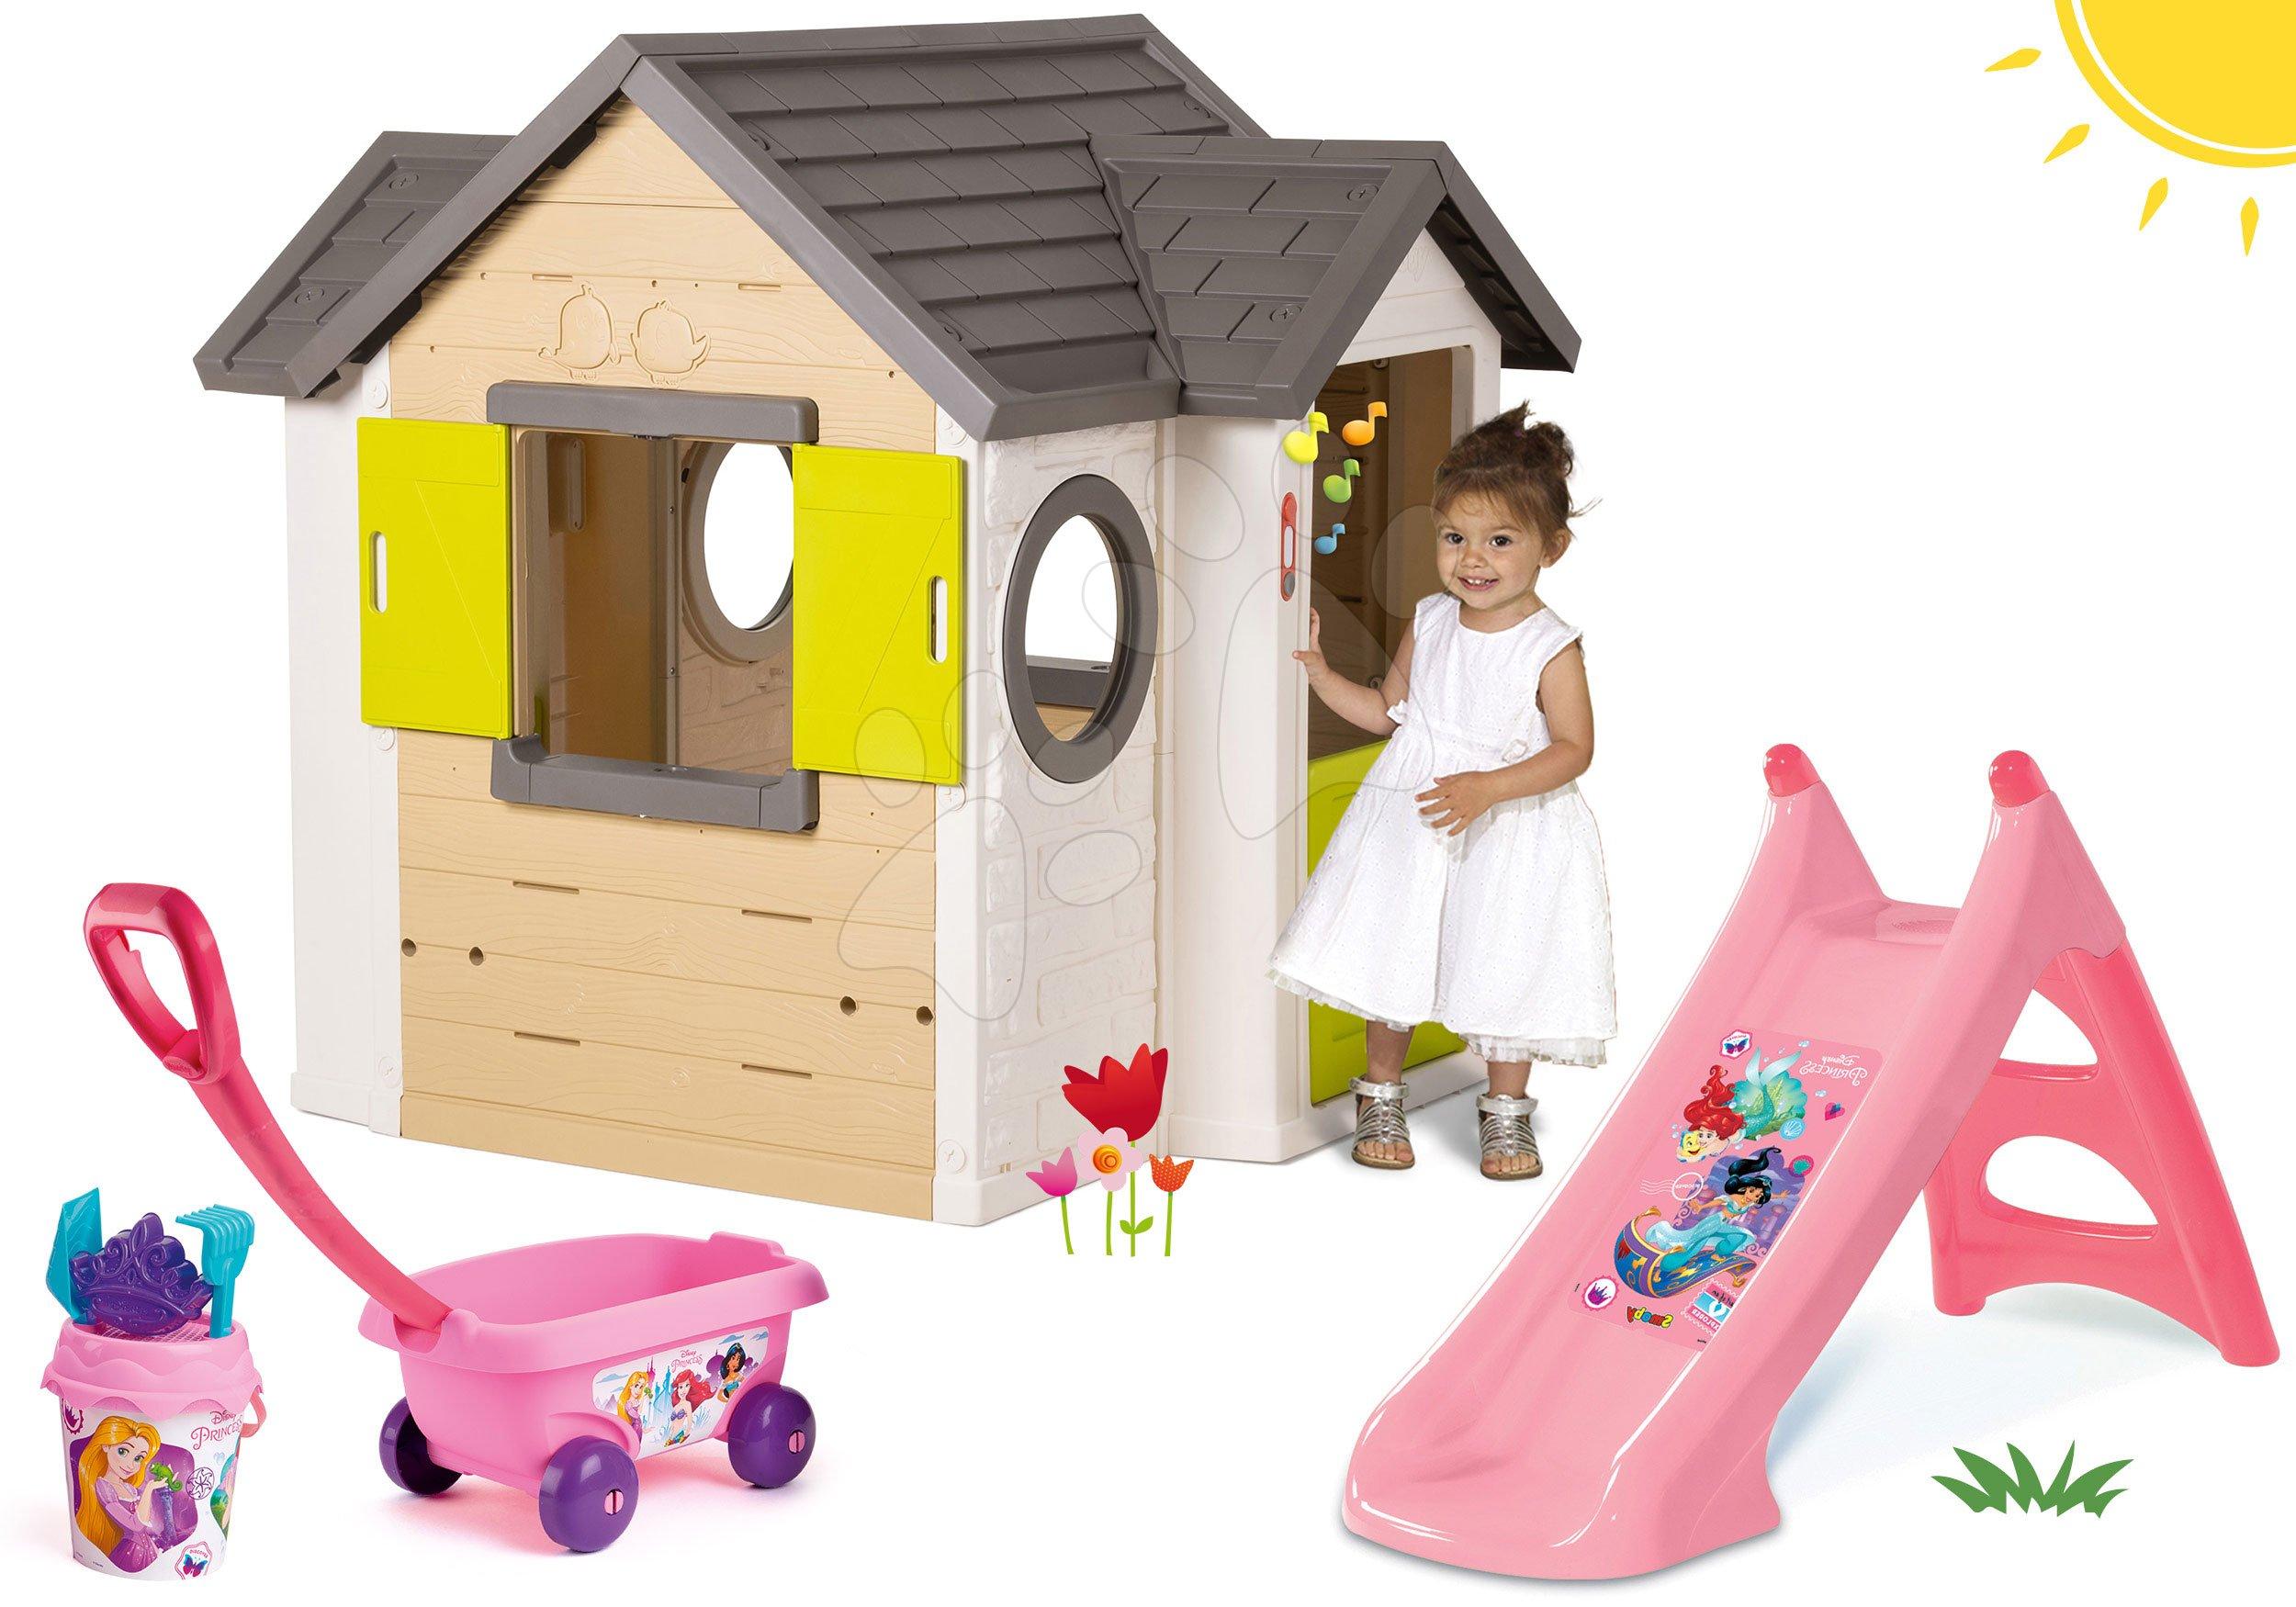 Kućice s toboganom  - Set kućica My Neo House DeLuxe Smoby sa zvoncem i dvoma vratima te tobogan Princeze Toboggan s kolicima od 24 mjeseca